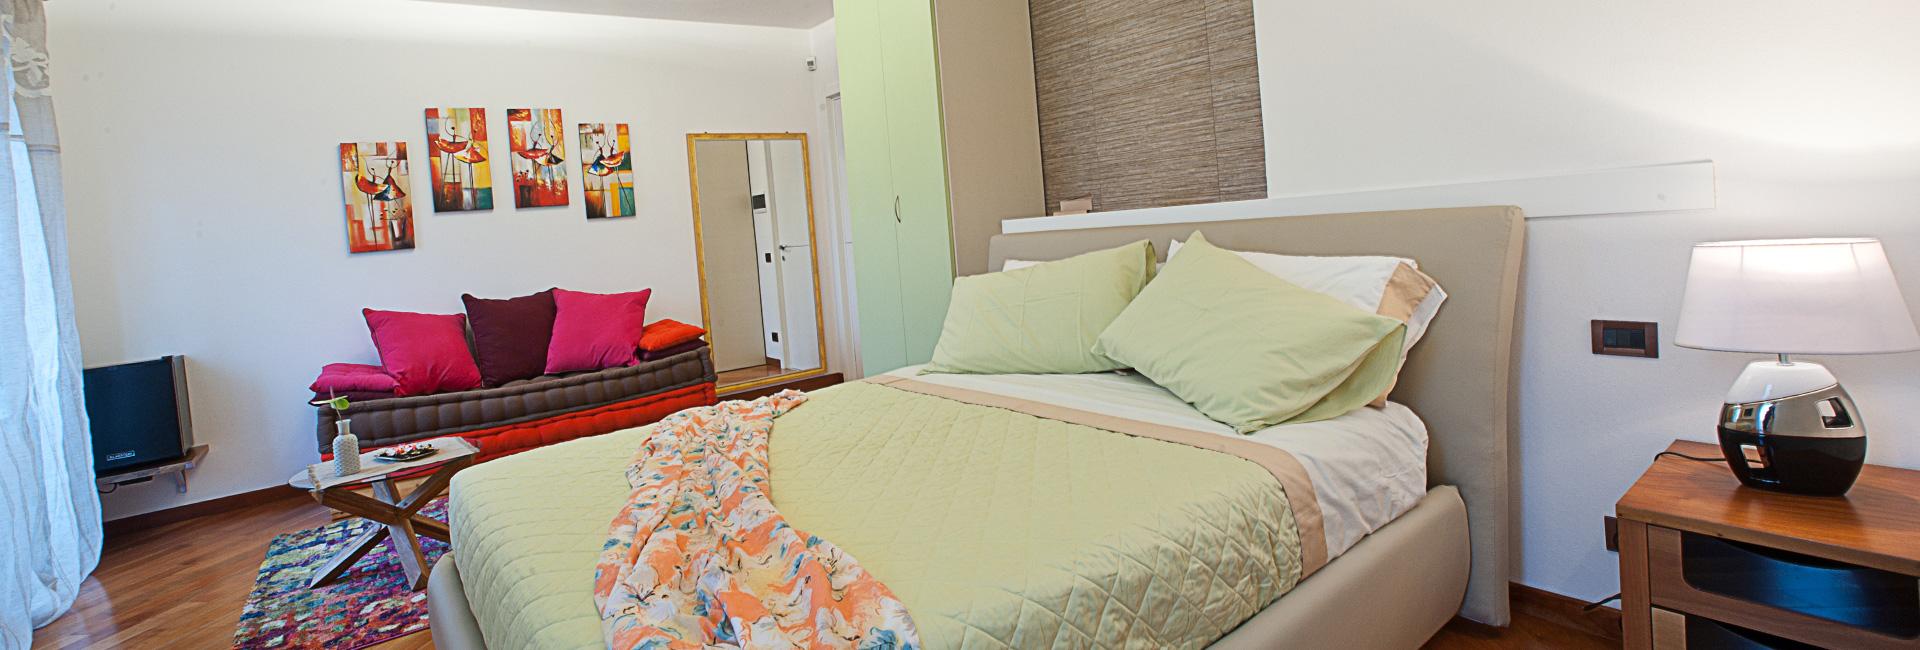 Camere nuove, ampie e spaziose con vasca idromassaggio - Beb La Tosca a Marina di Massa